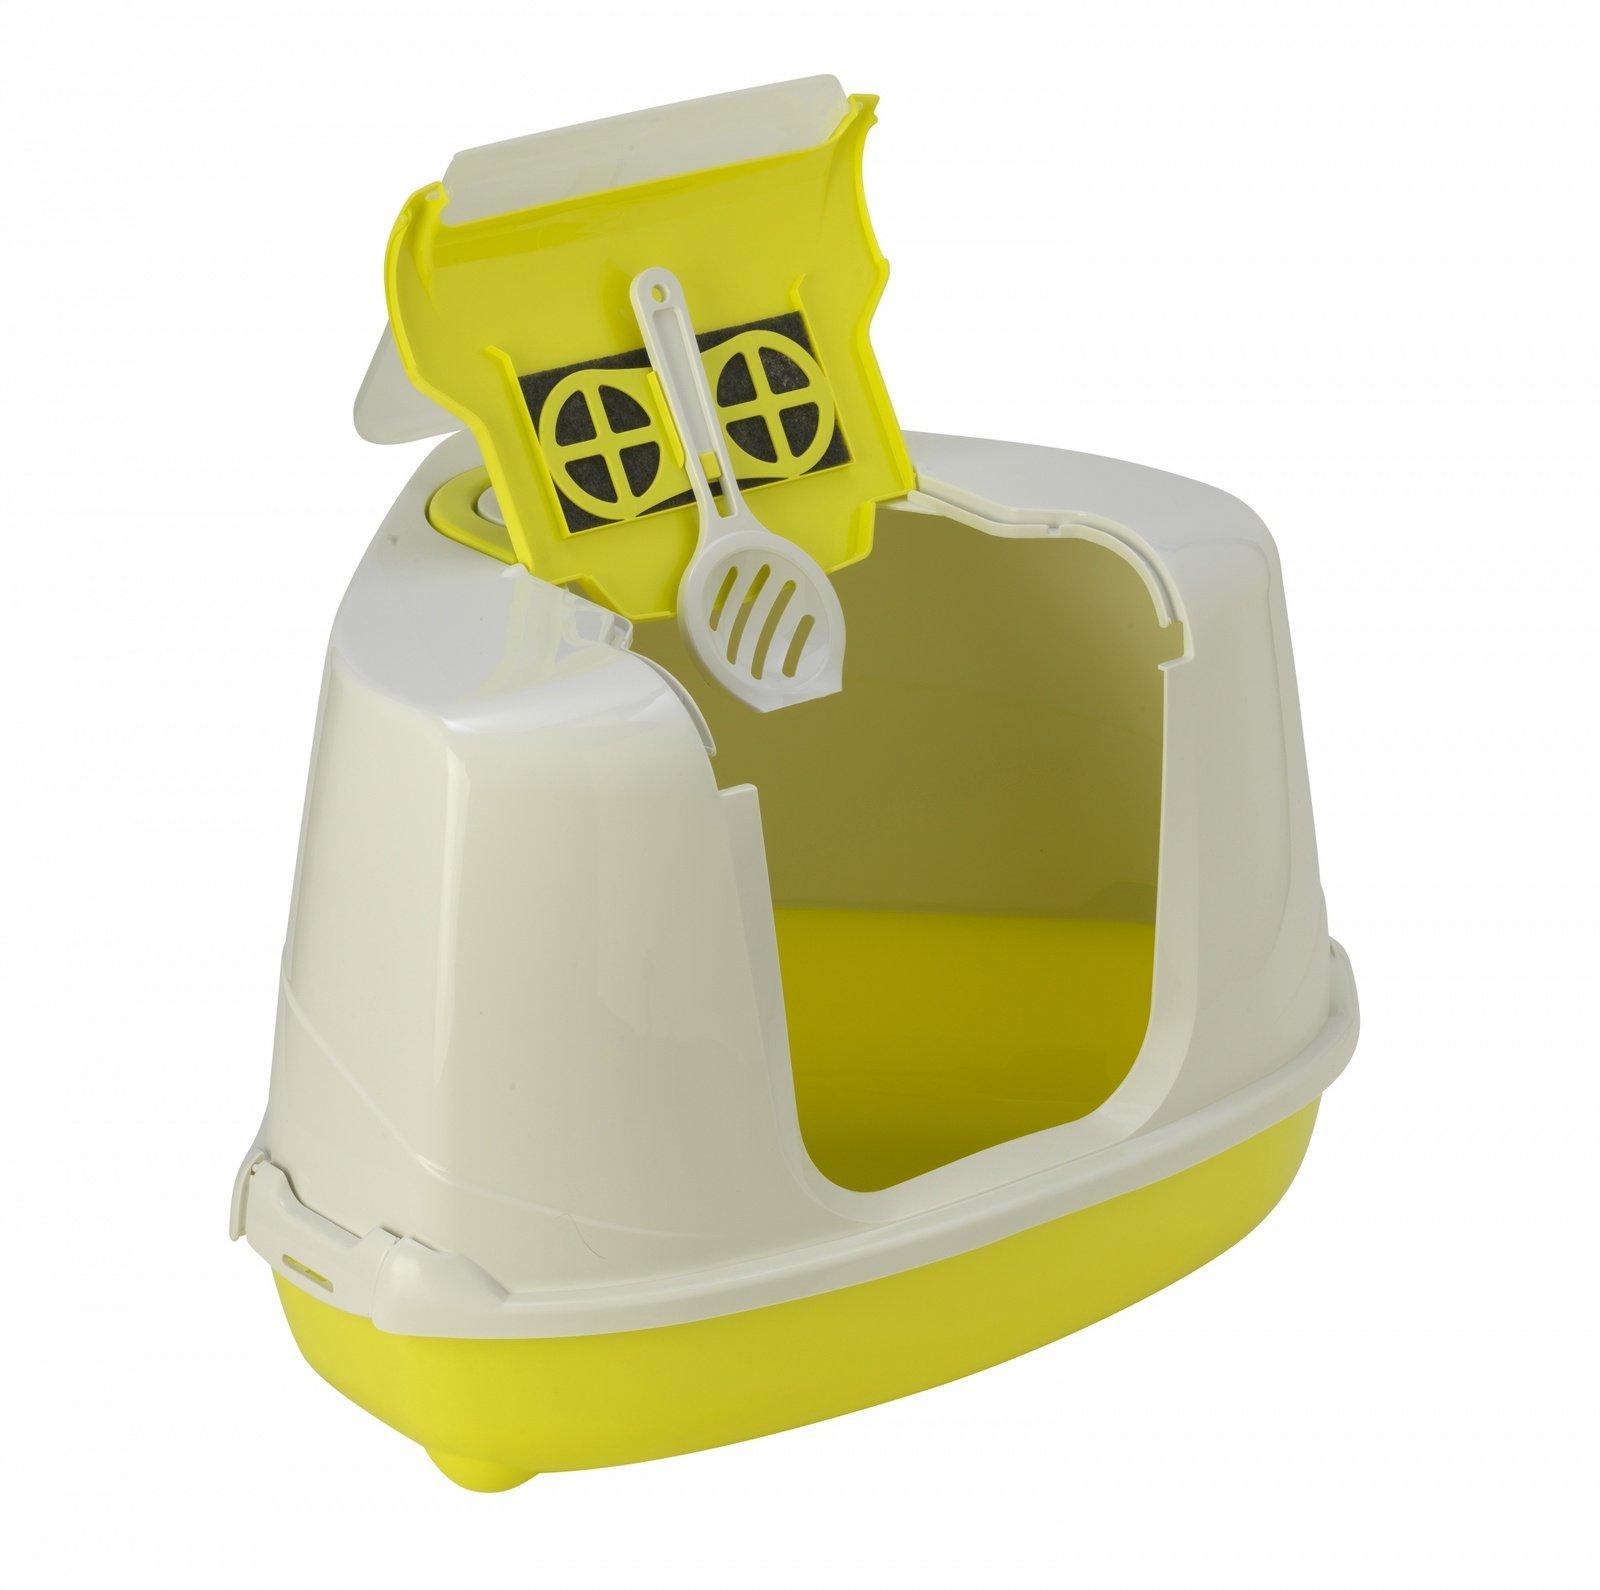 Moderna Туалет-домик угловой Flip с угольным фильтром, 55х45х38см, лимонно-желтый (1,6 кг)